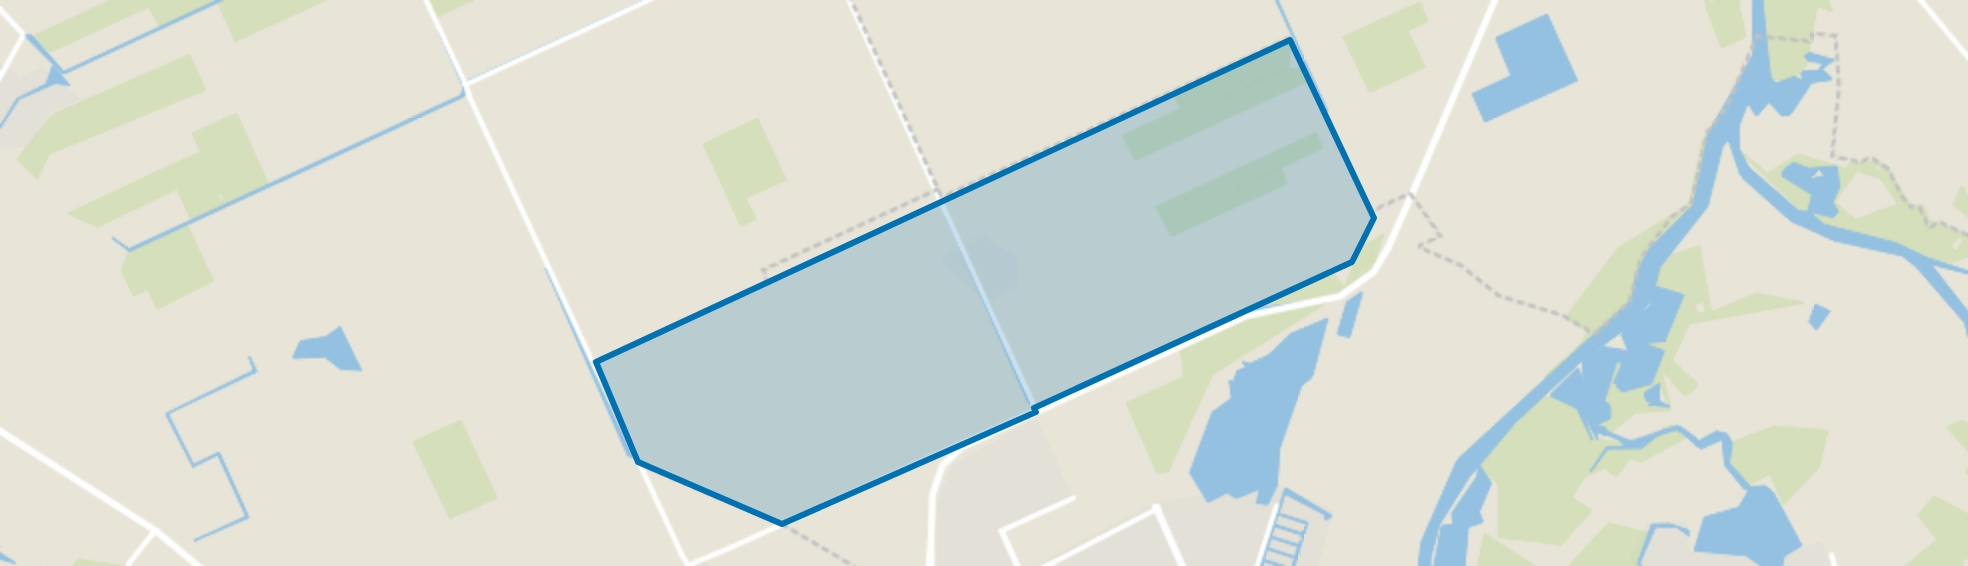 Mastenbroek, Zwolle map